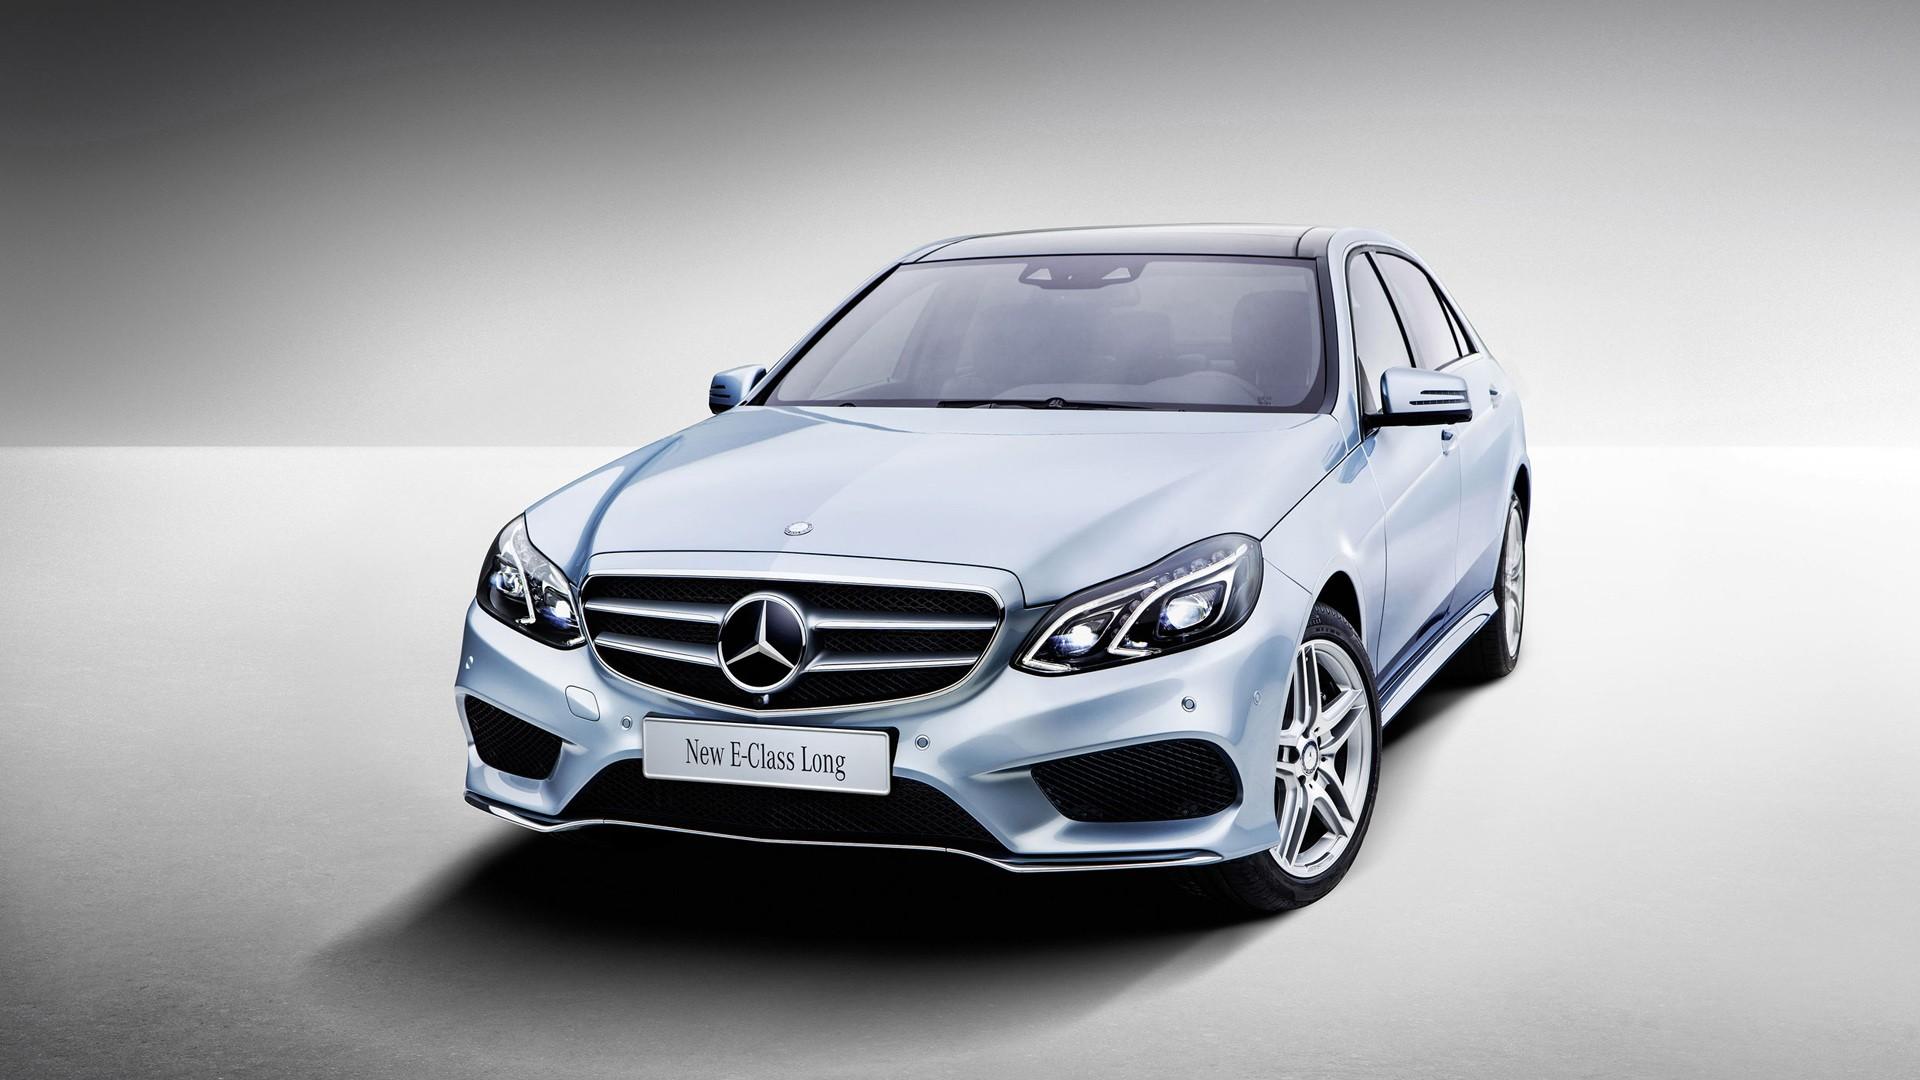 2014 mercedes benz e class l wallpaper hd car wallpapers for Mercedes benz cars 2014